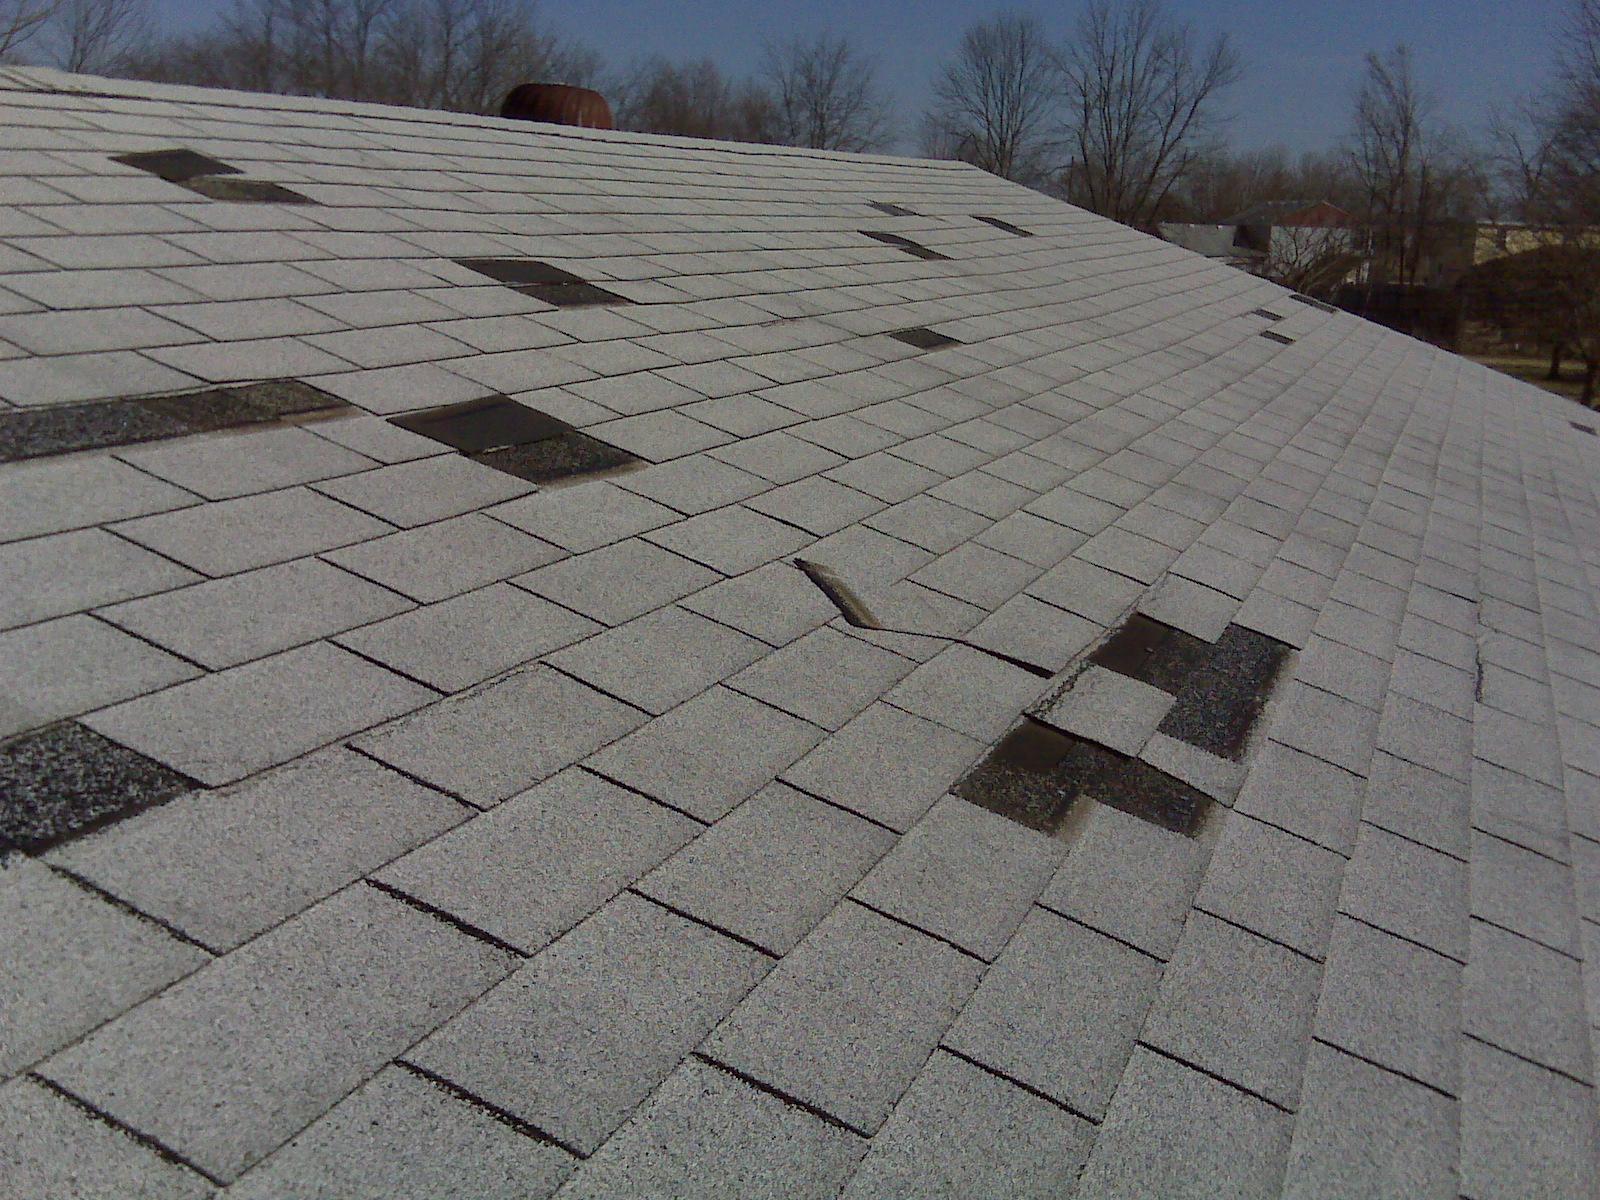 Wind Damage Shingle Roof